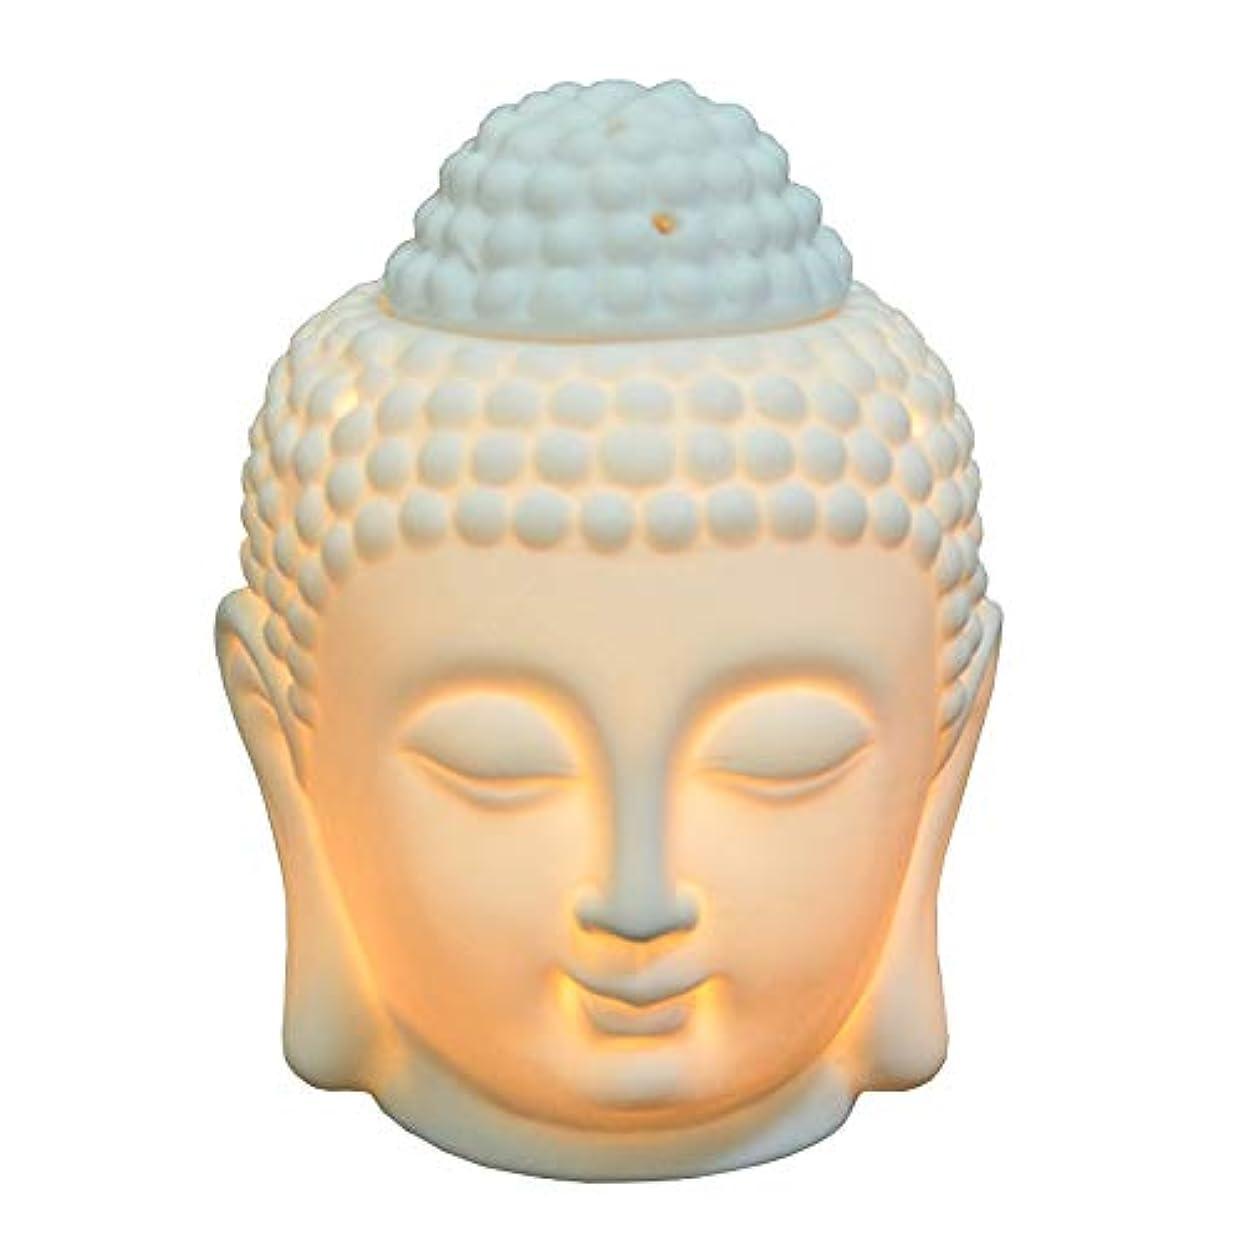 祭司持ってる混合仏頭像オイルバーナー半透明セラミックアロマディフューザー家の装飾